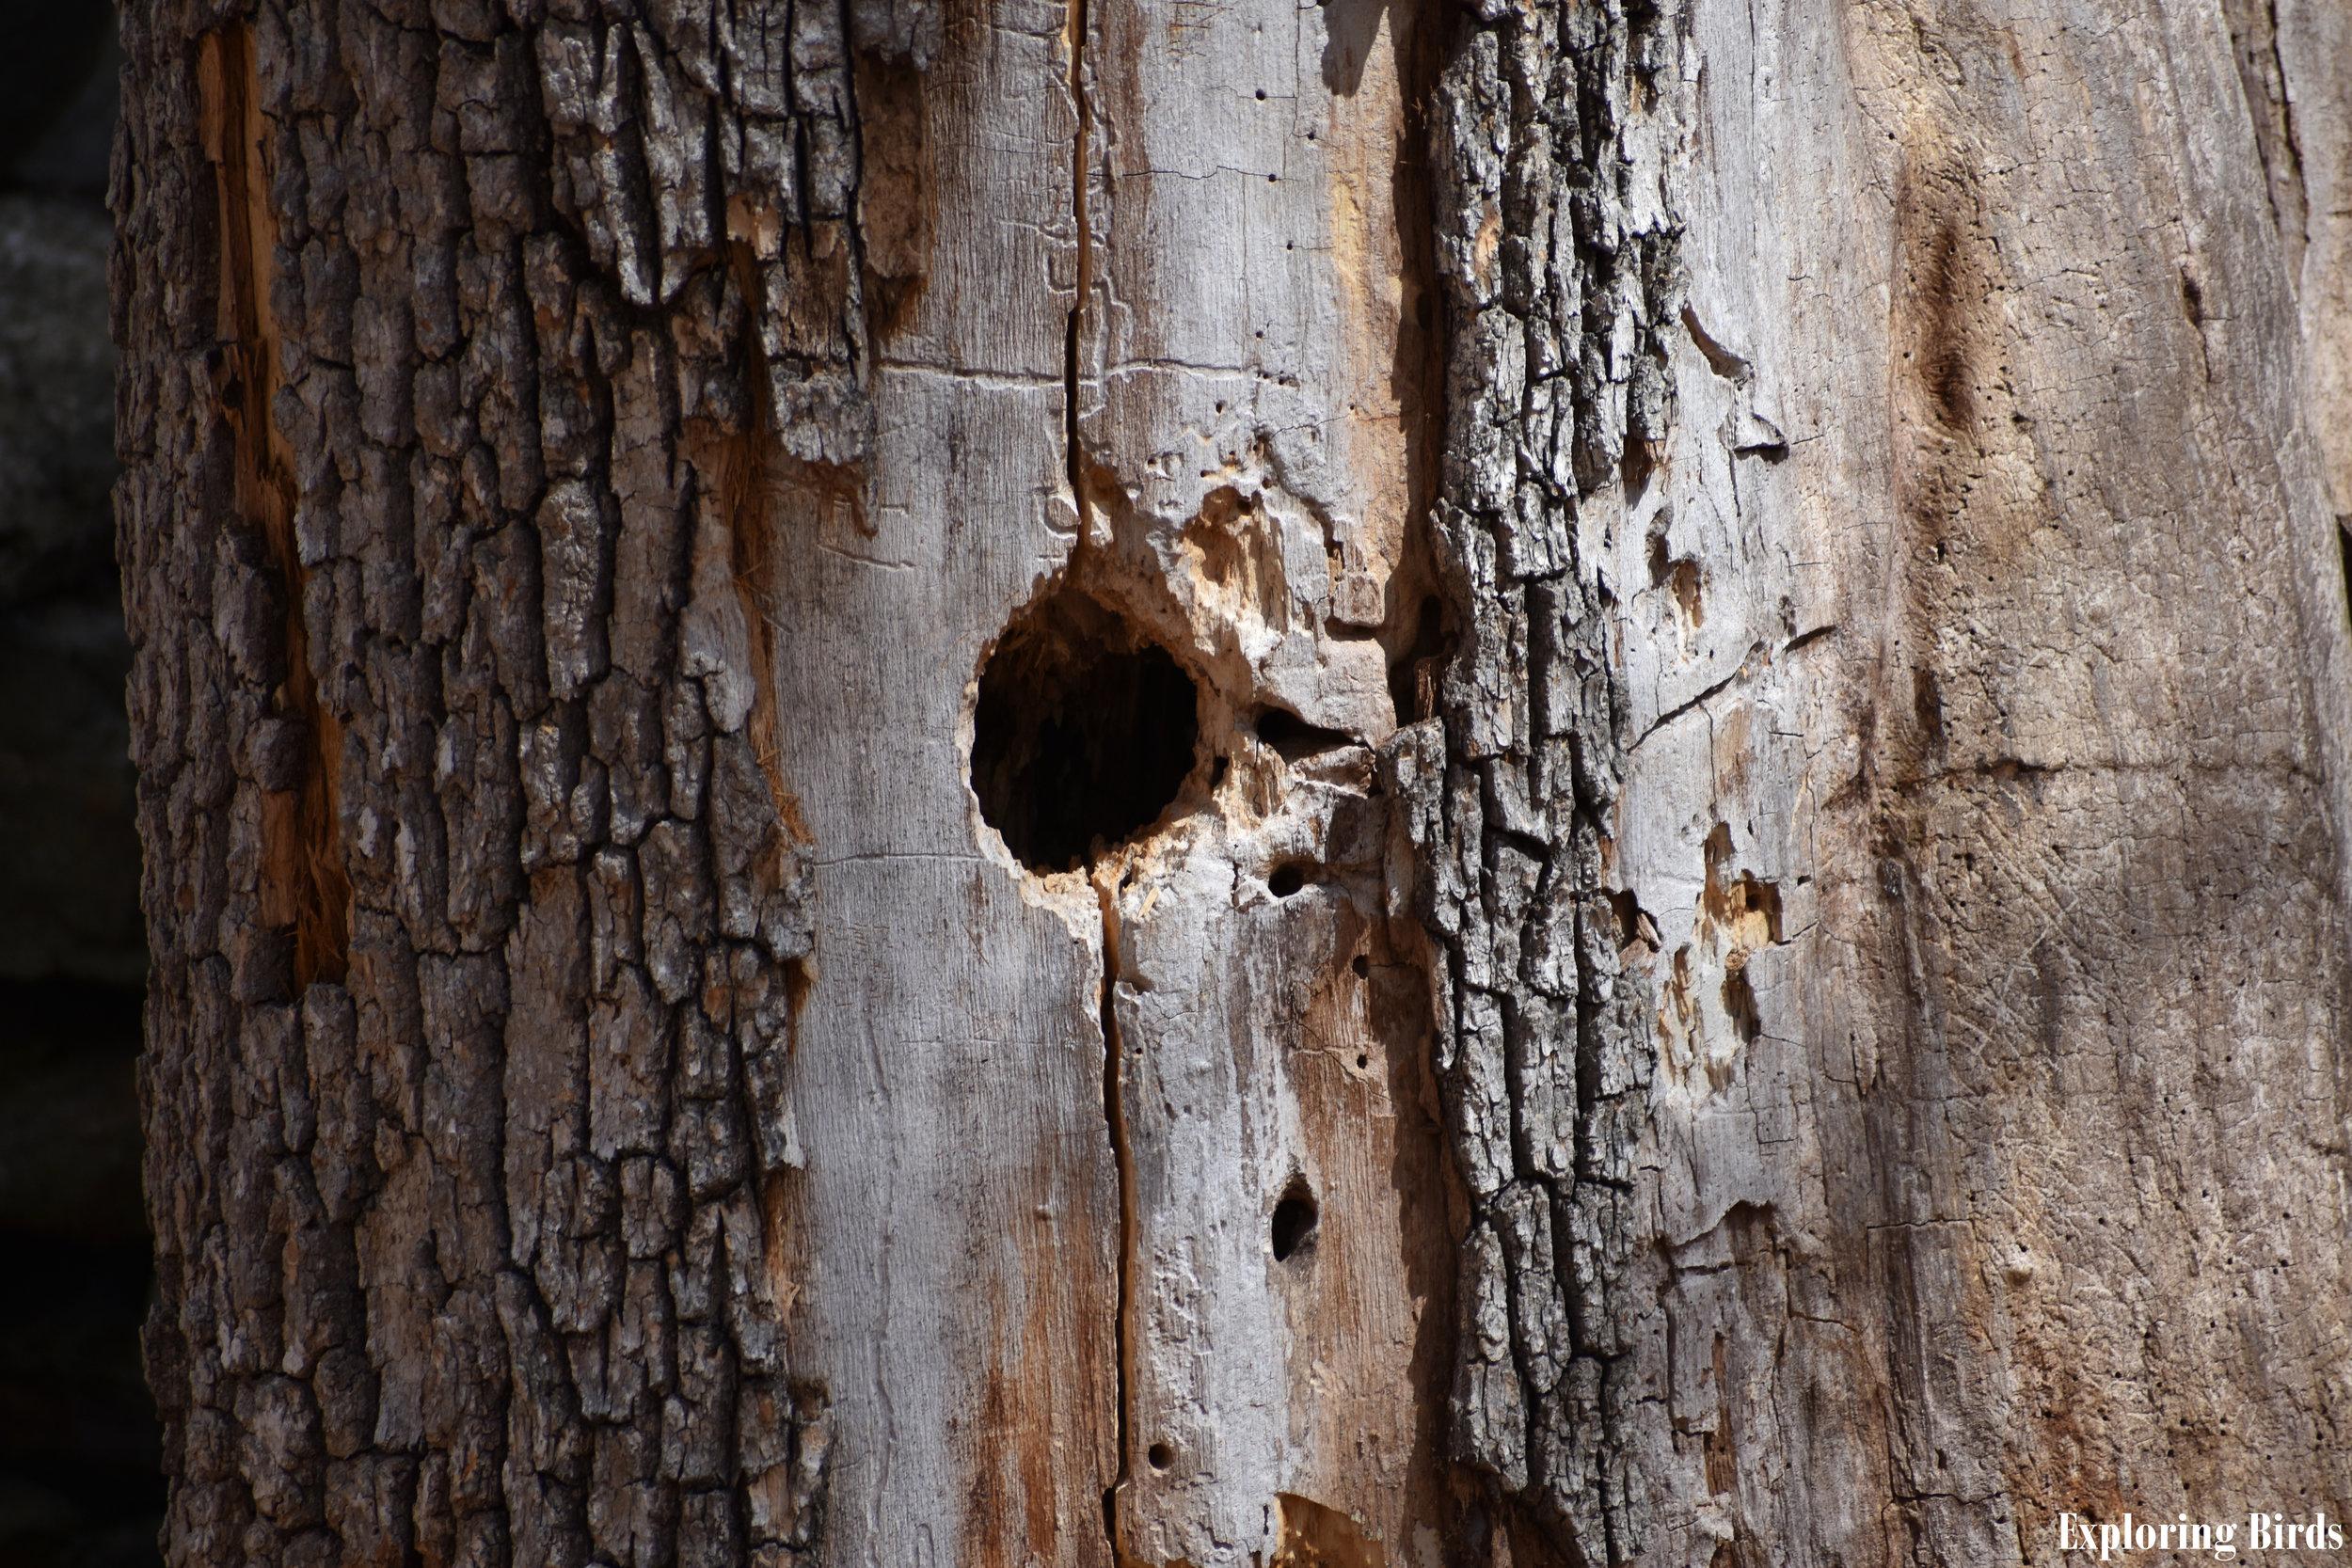 Woodpeckers nest in dead trees